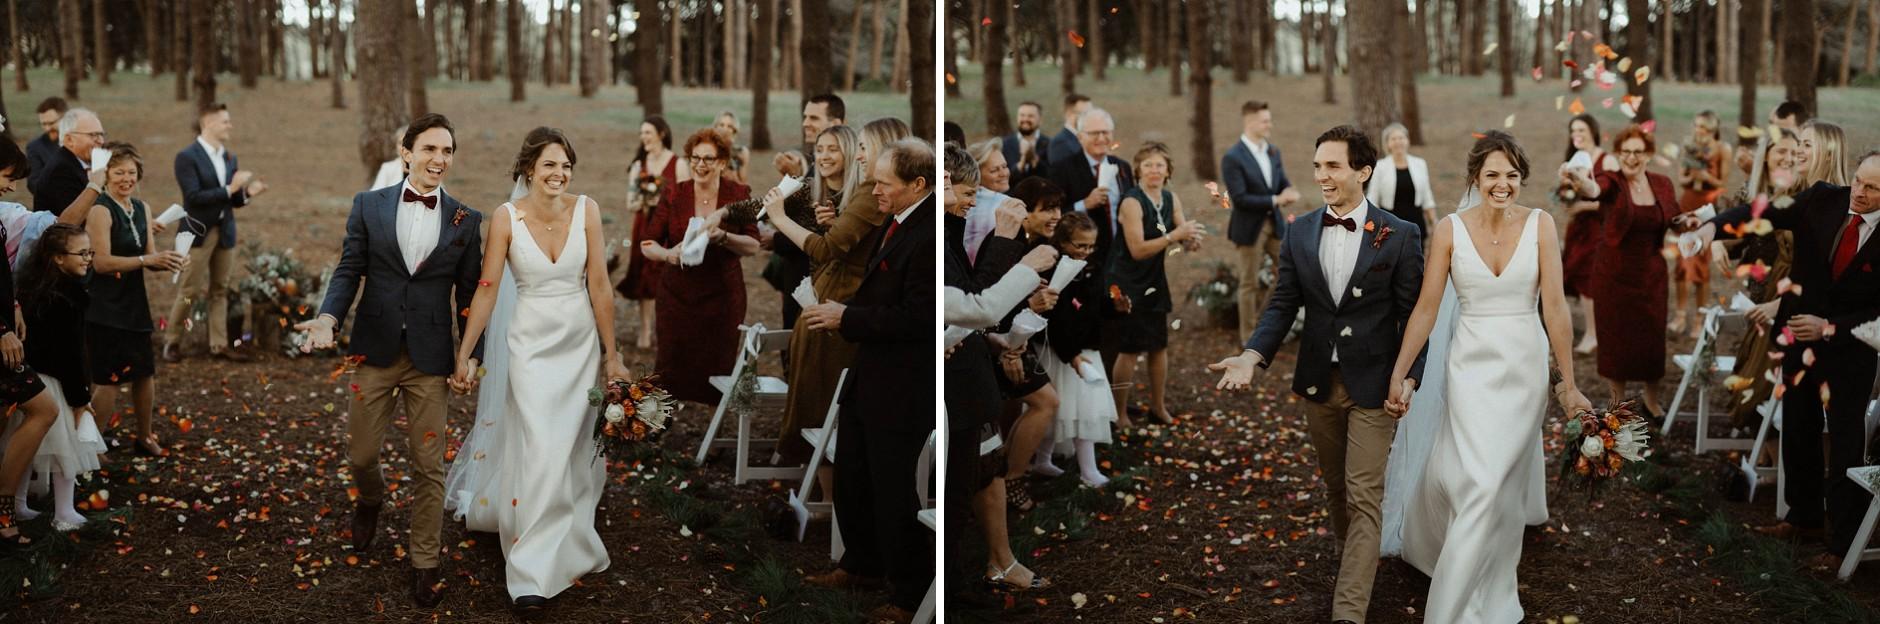 Sydney-Wedding-Photographer-kath&ross0430_Sydney-Wedding-Photographer.jpg